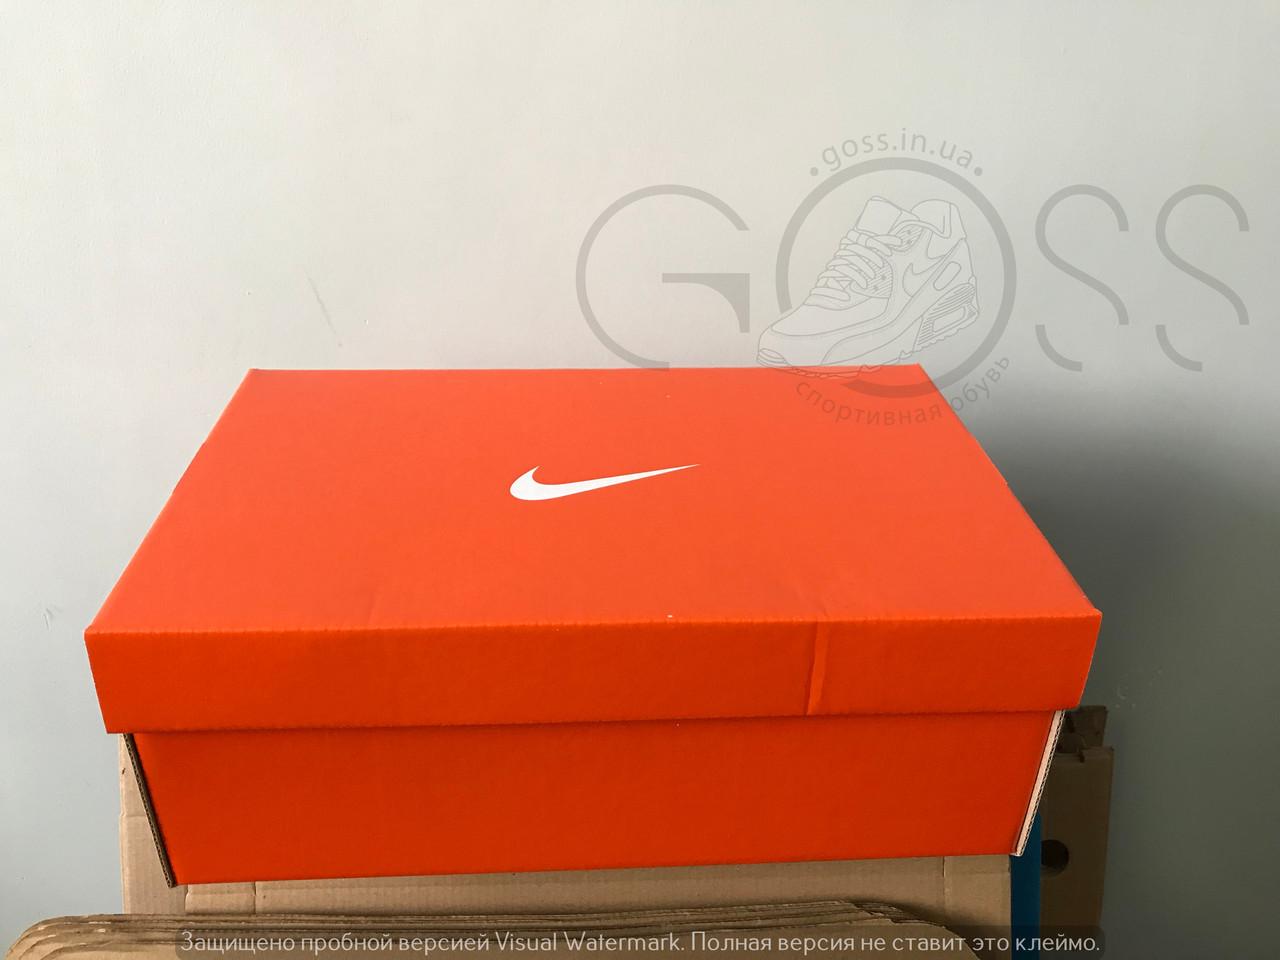 Коробки Nike оранжевого цвета 320х205х112 мм